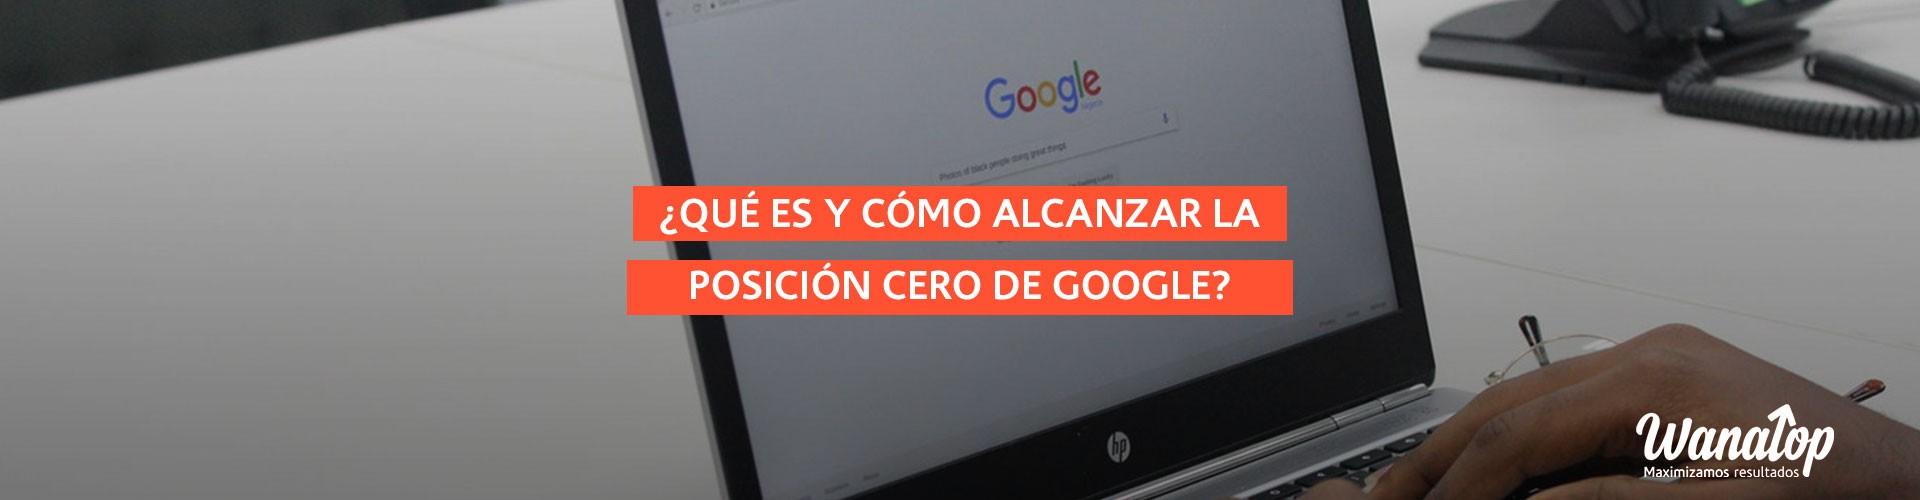 ¿Qué es y cómo alcanzar la posición cero de Google?